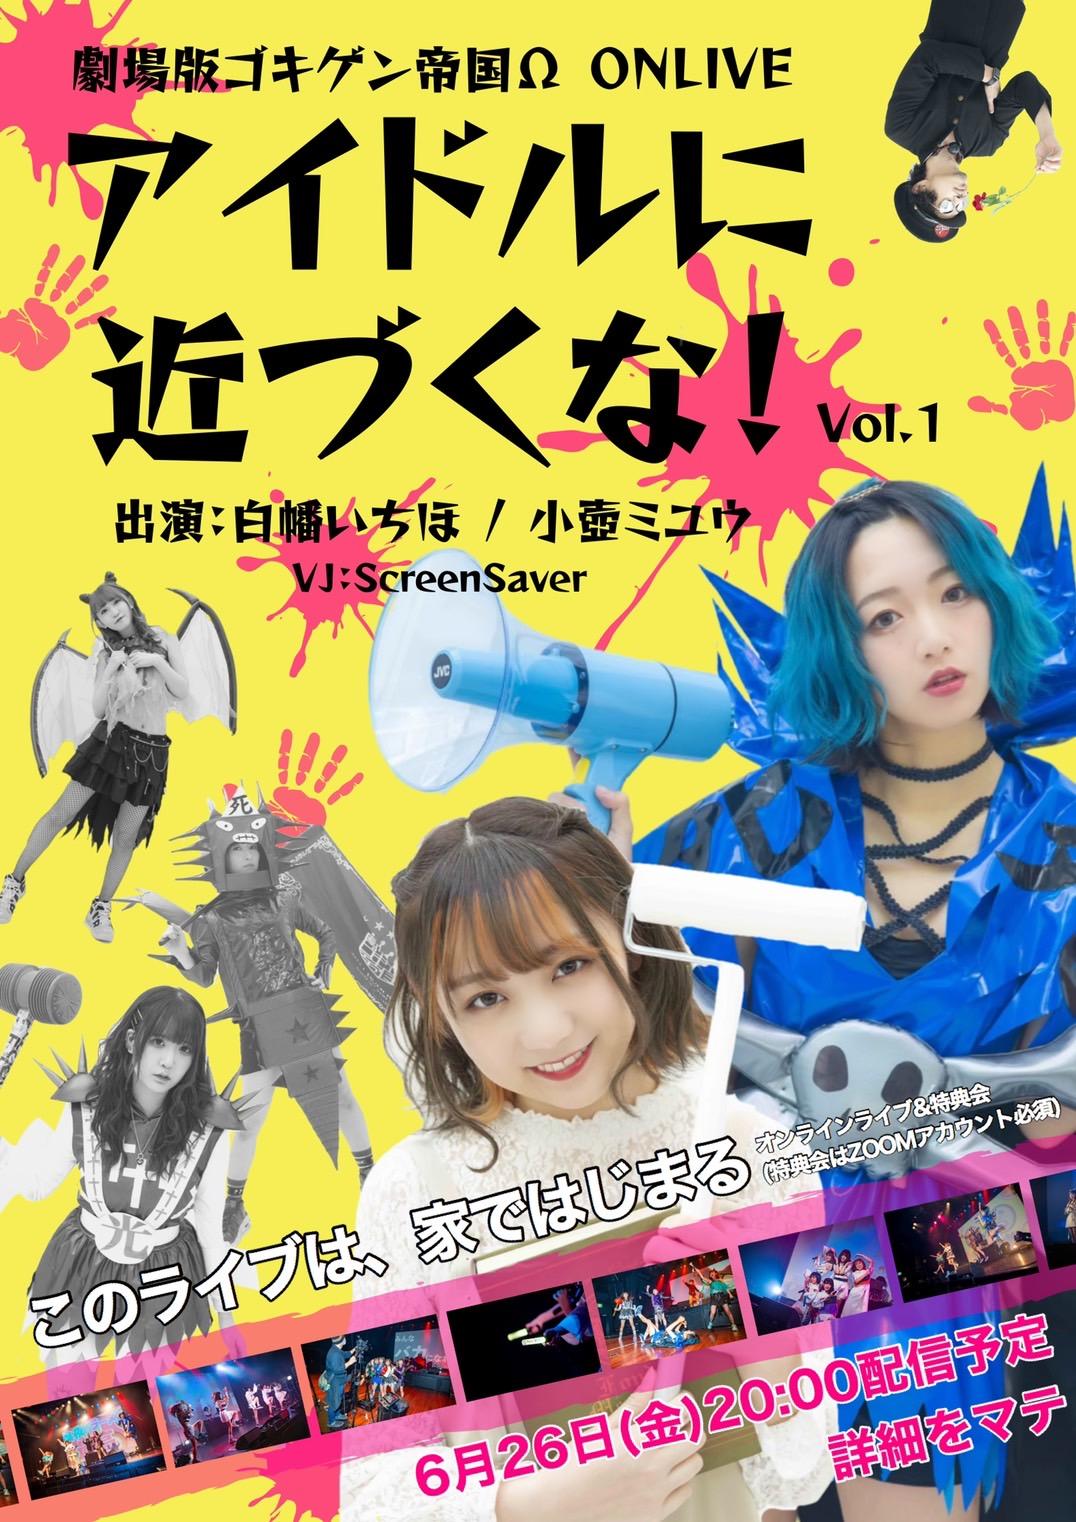 小壺ミユウON LIVE「アイドルに近づくな!」特典会